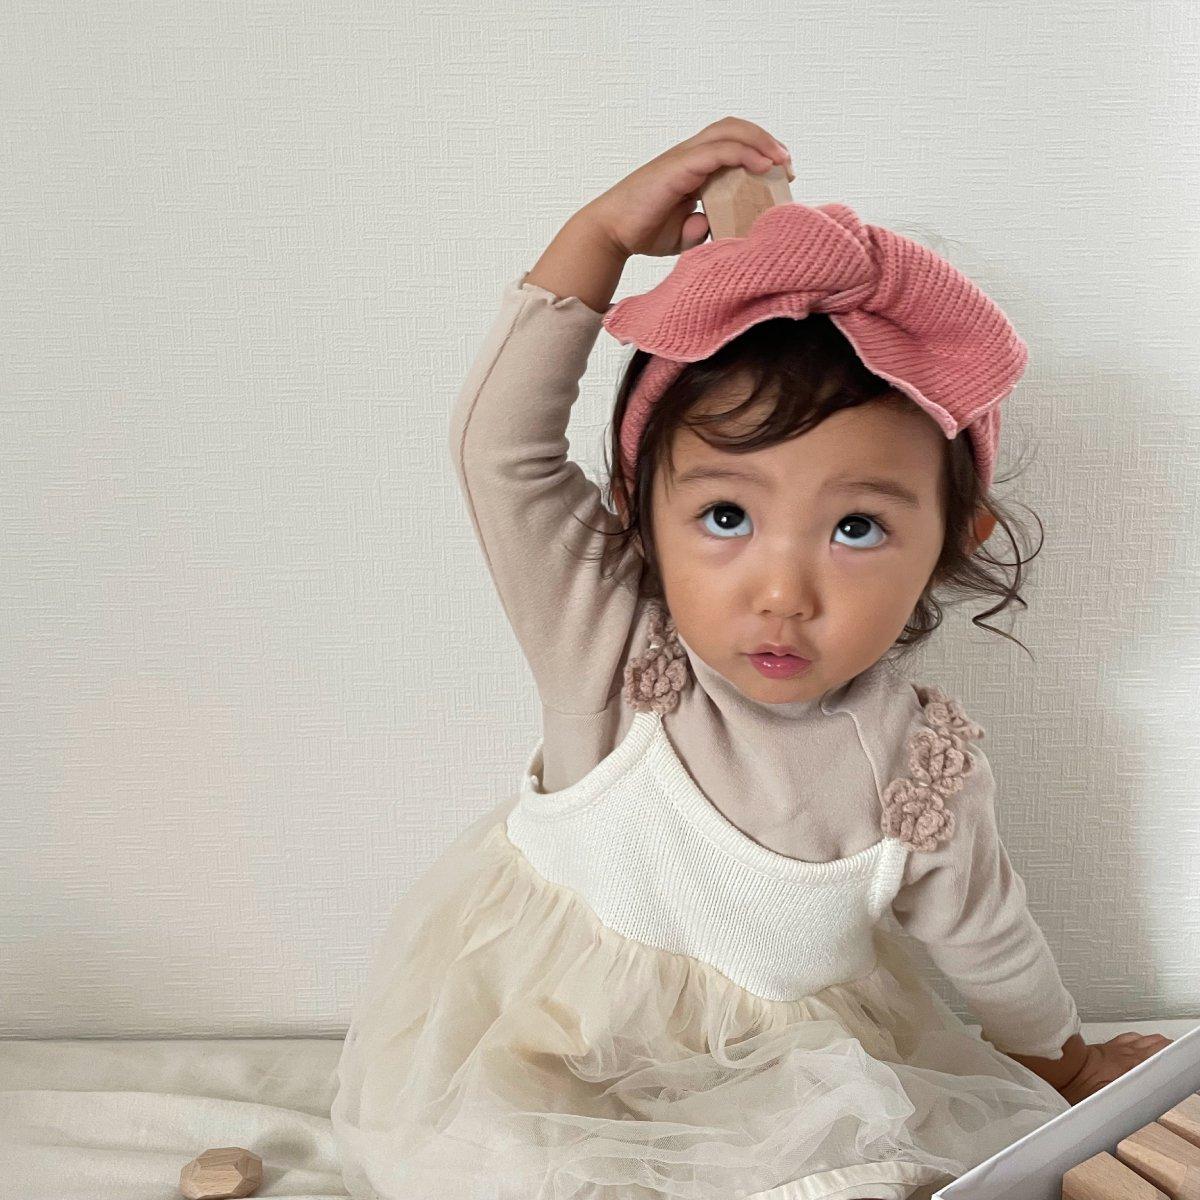 【BABY】Baby Knit Turban 詳細画像8